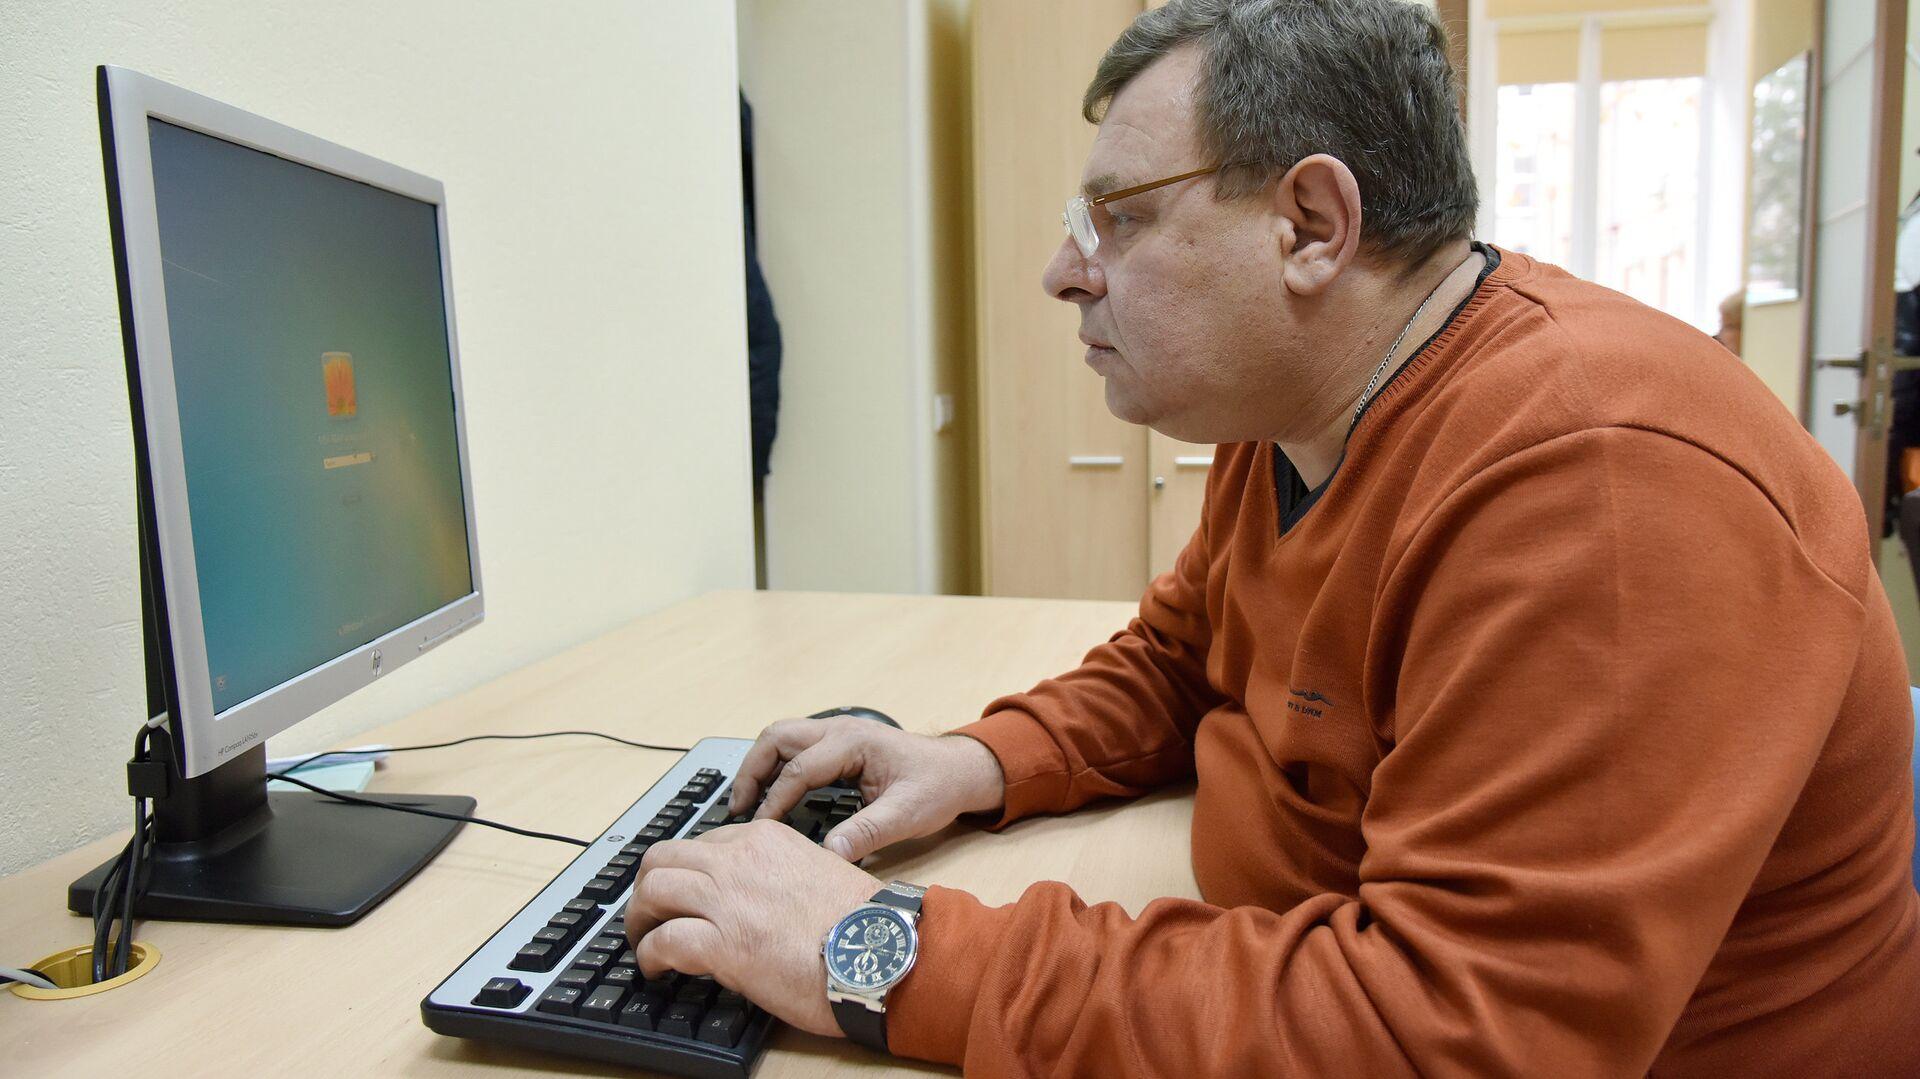 Работа за компьютером - РИА Новости, 1920, 07.09.2021